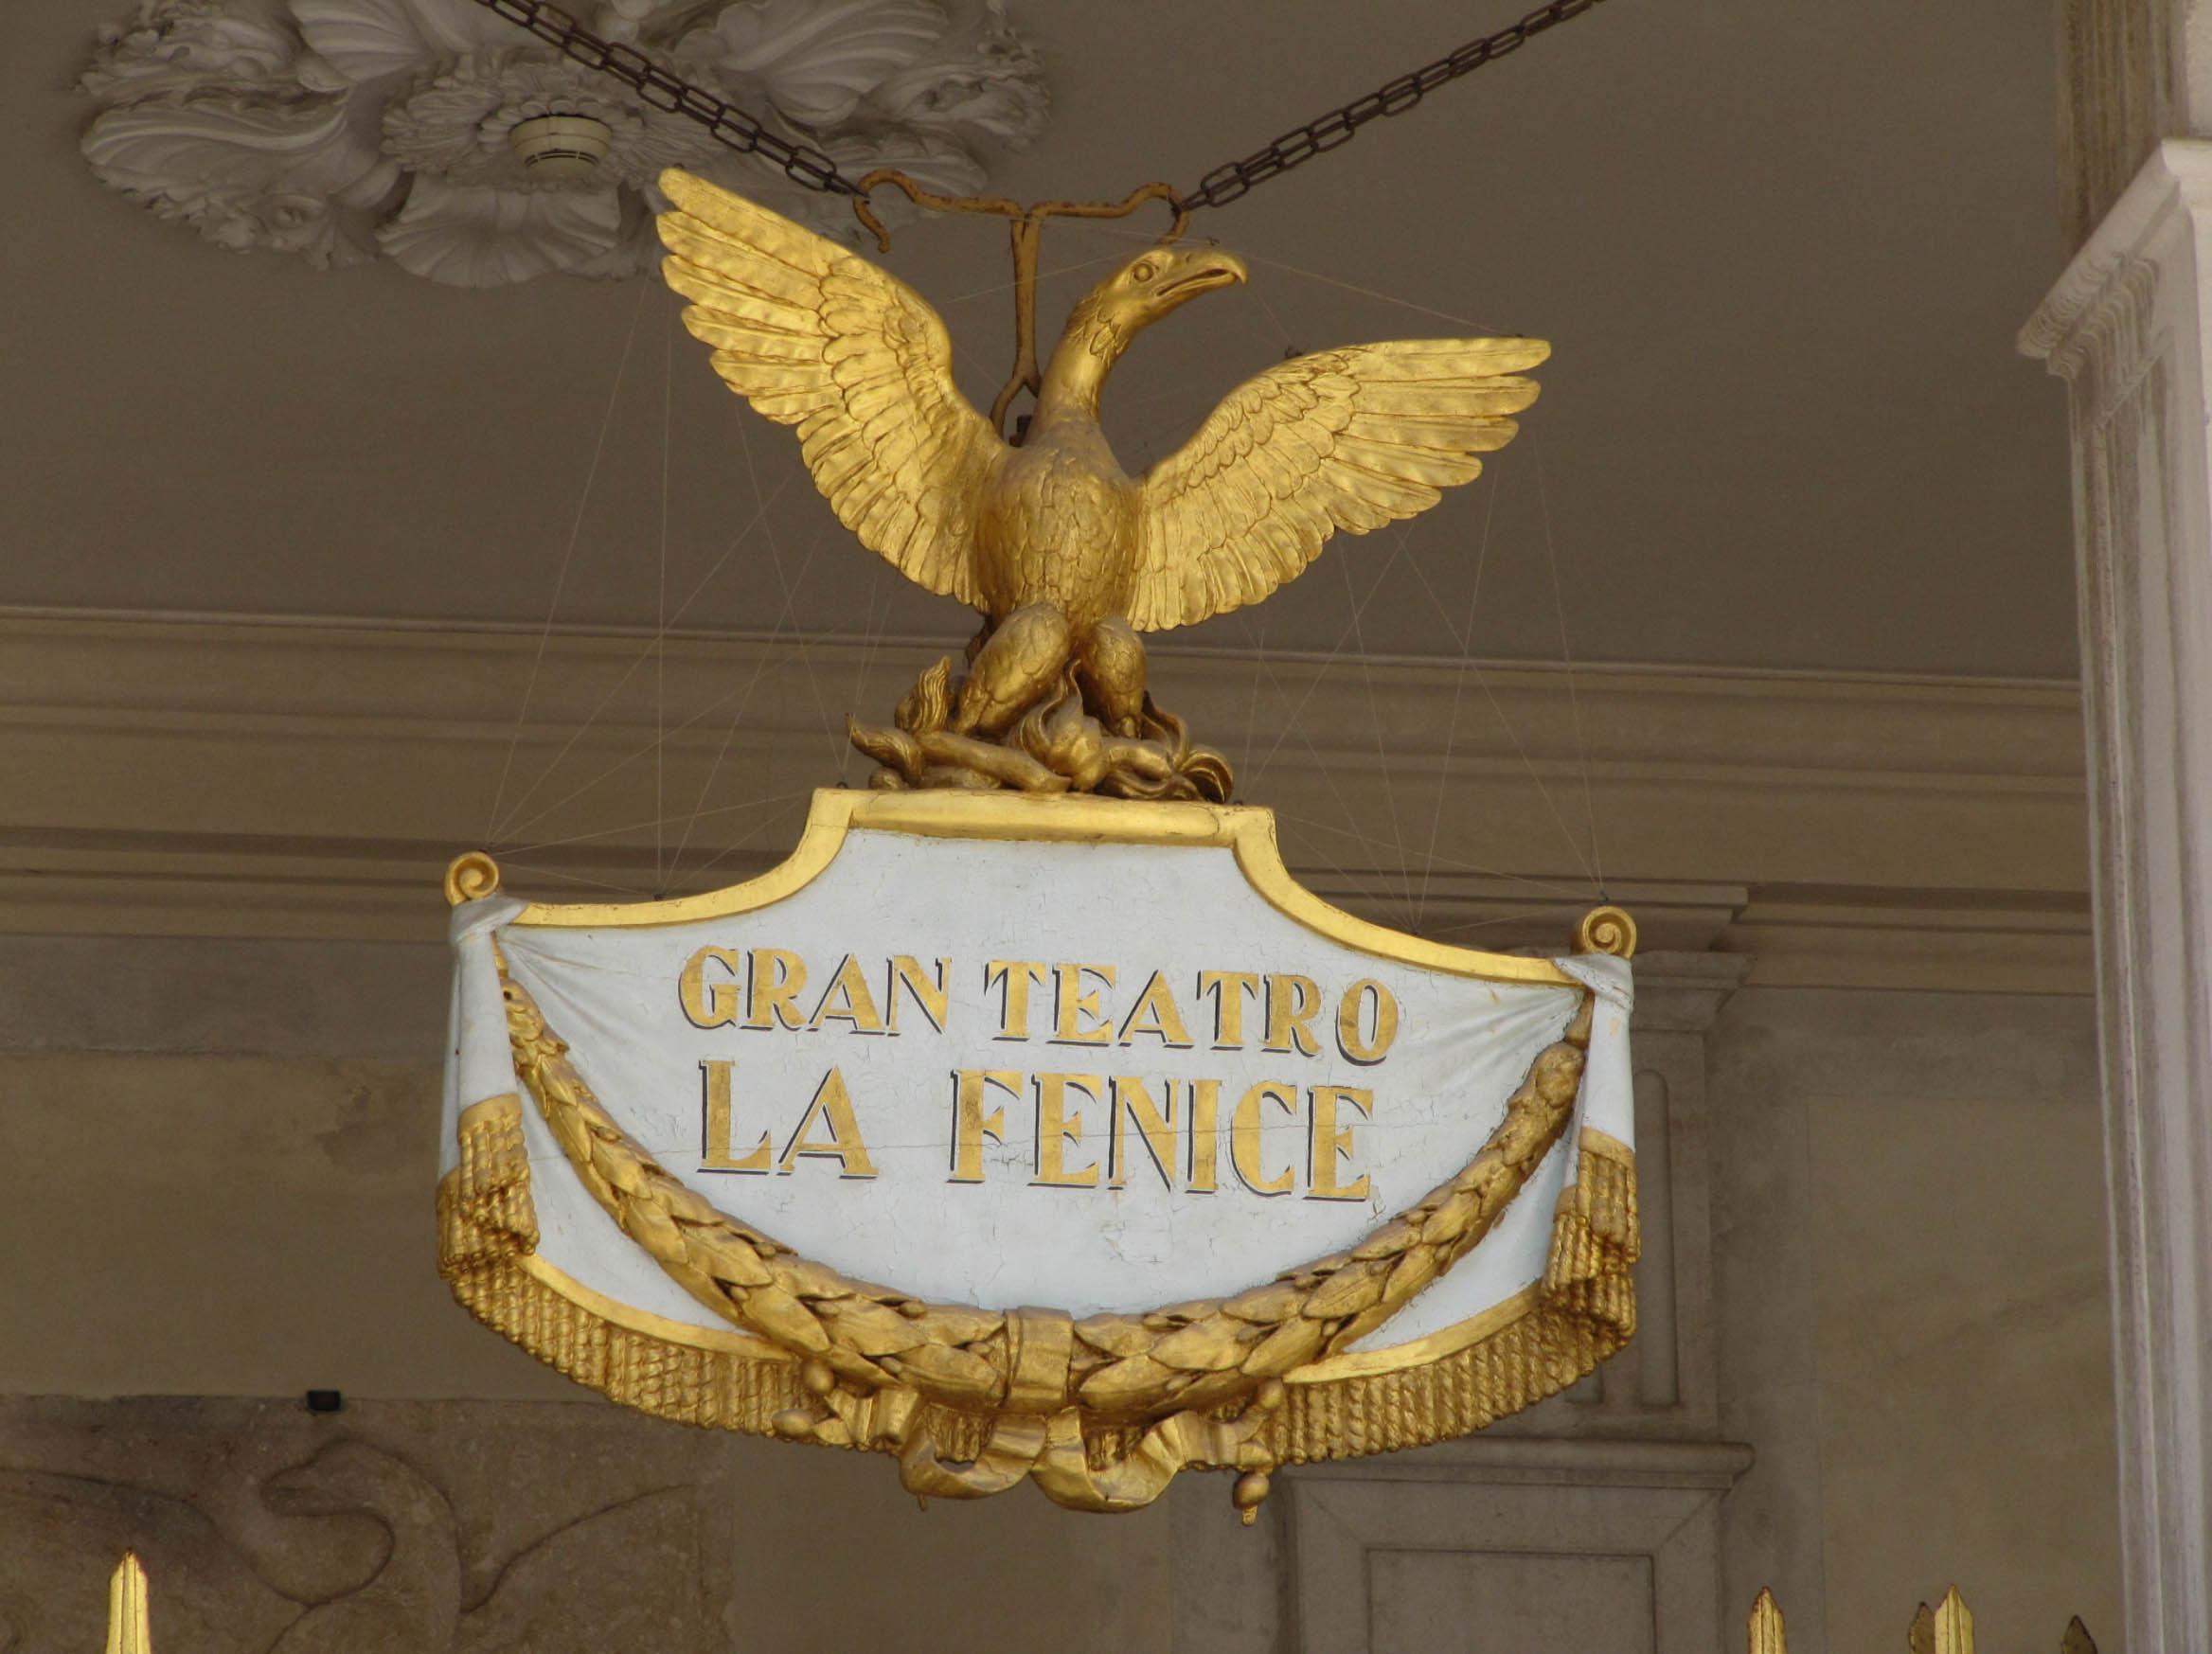 Grand Théâtre la Fenice - Venise - Excursion Vénétie en Francais